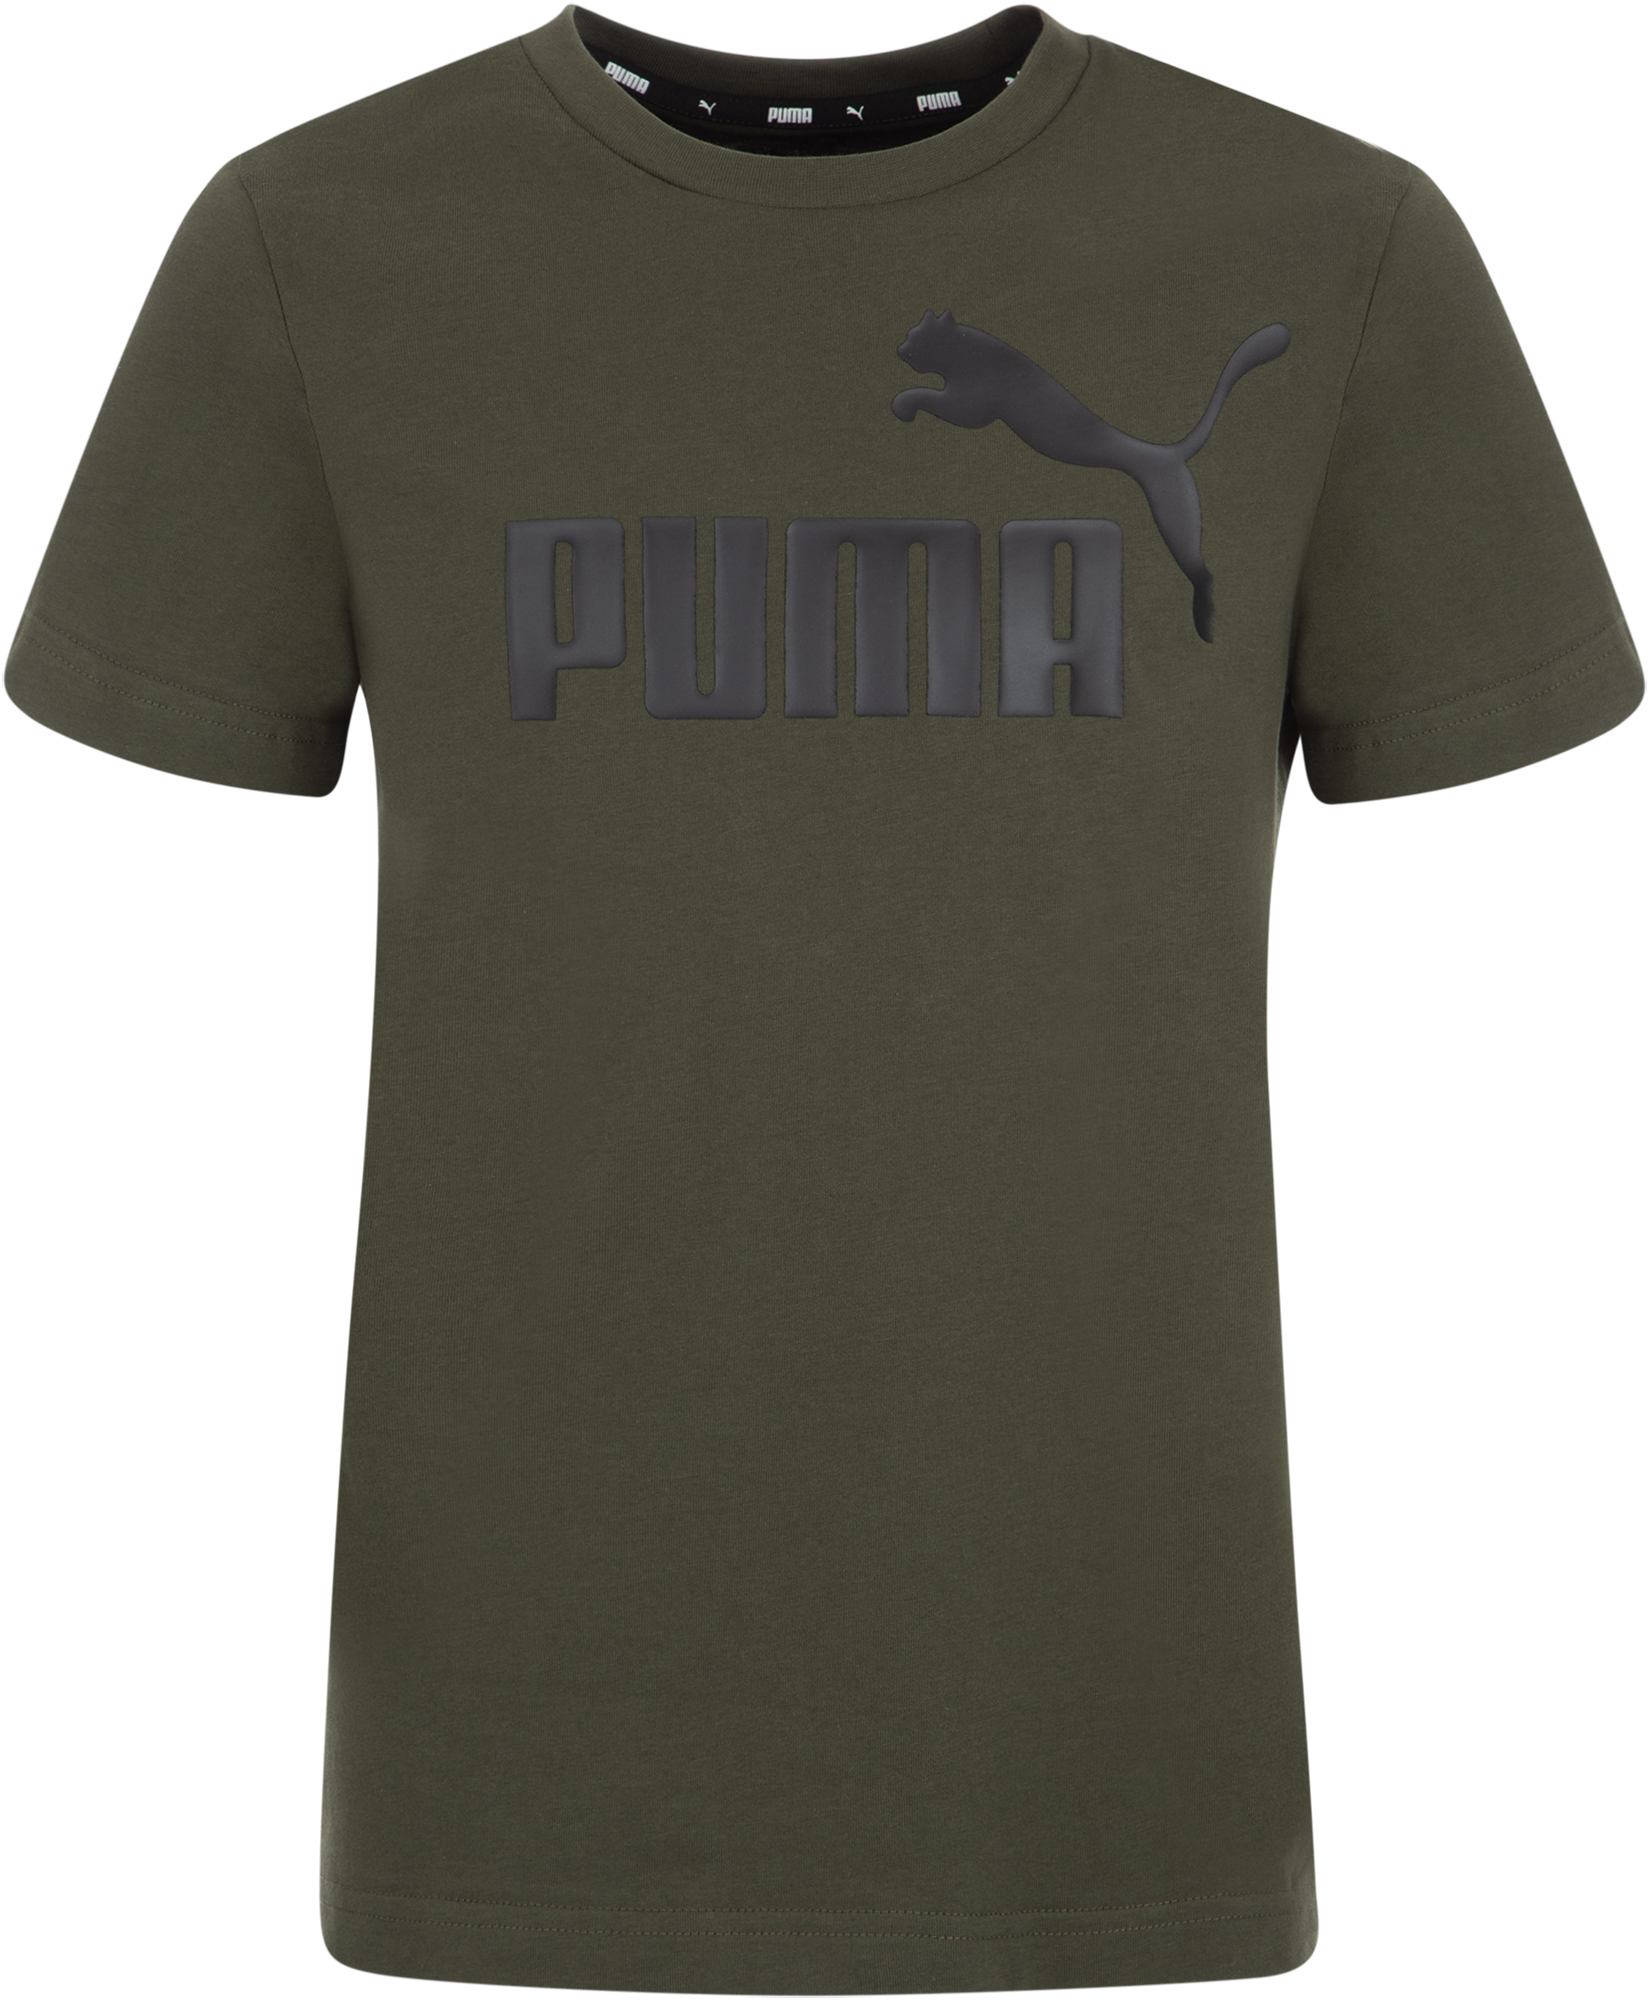 Puma Футболка для мальчиков Puma ESS Logo Tee B, размер 152 цена 2017